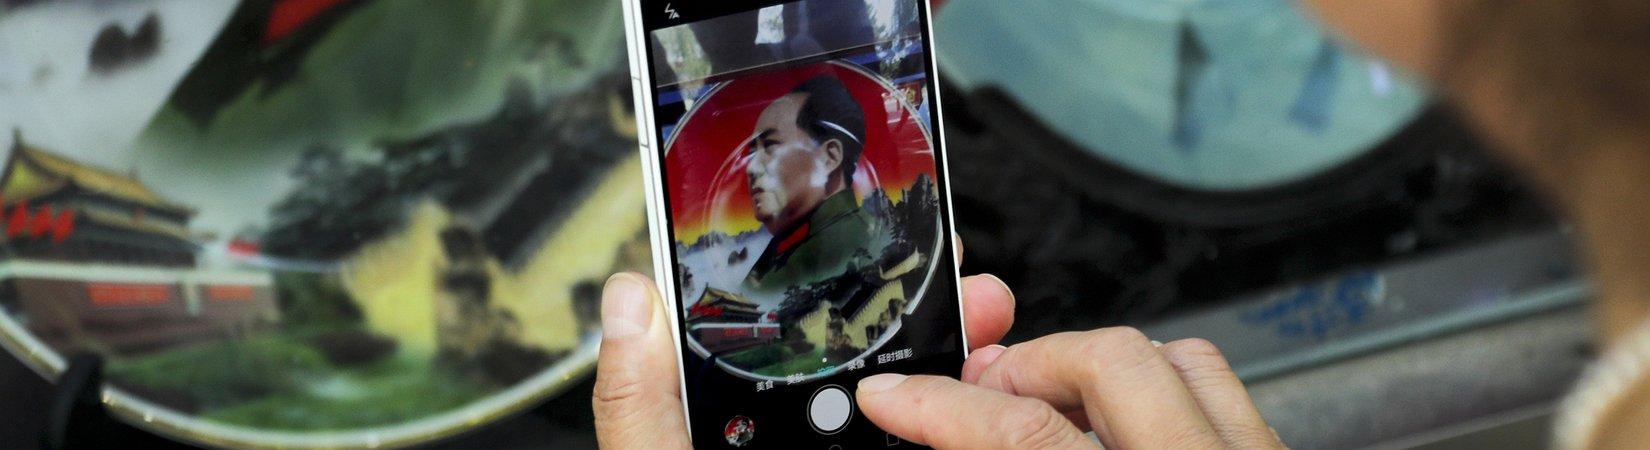 Facebook desarrolla una herramienta de censura para regresar a China